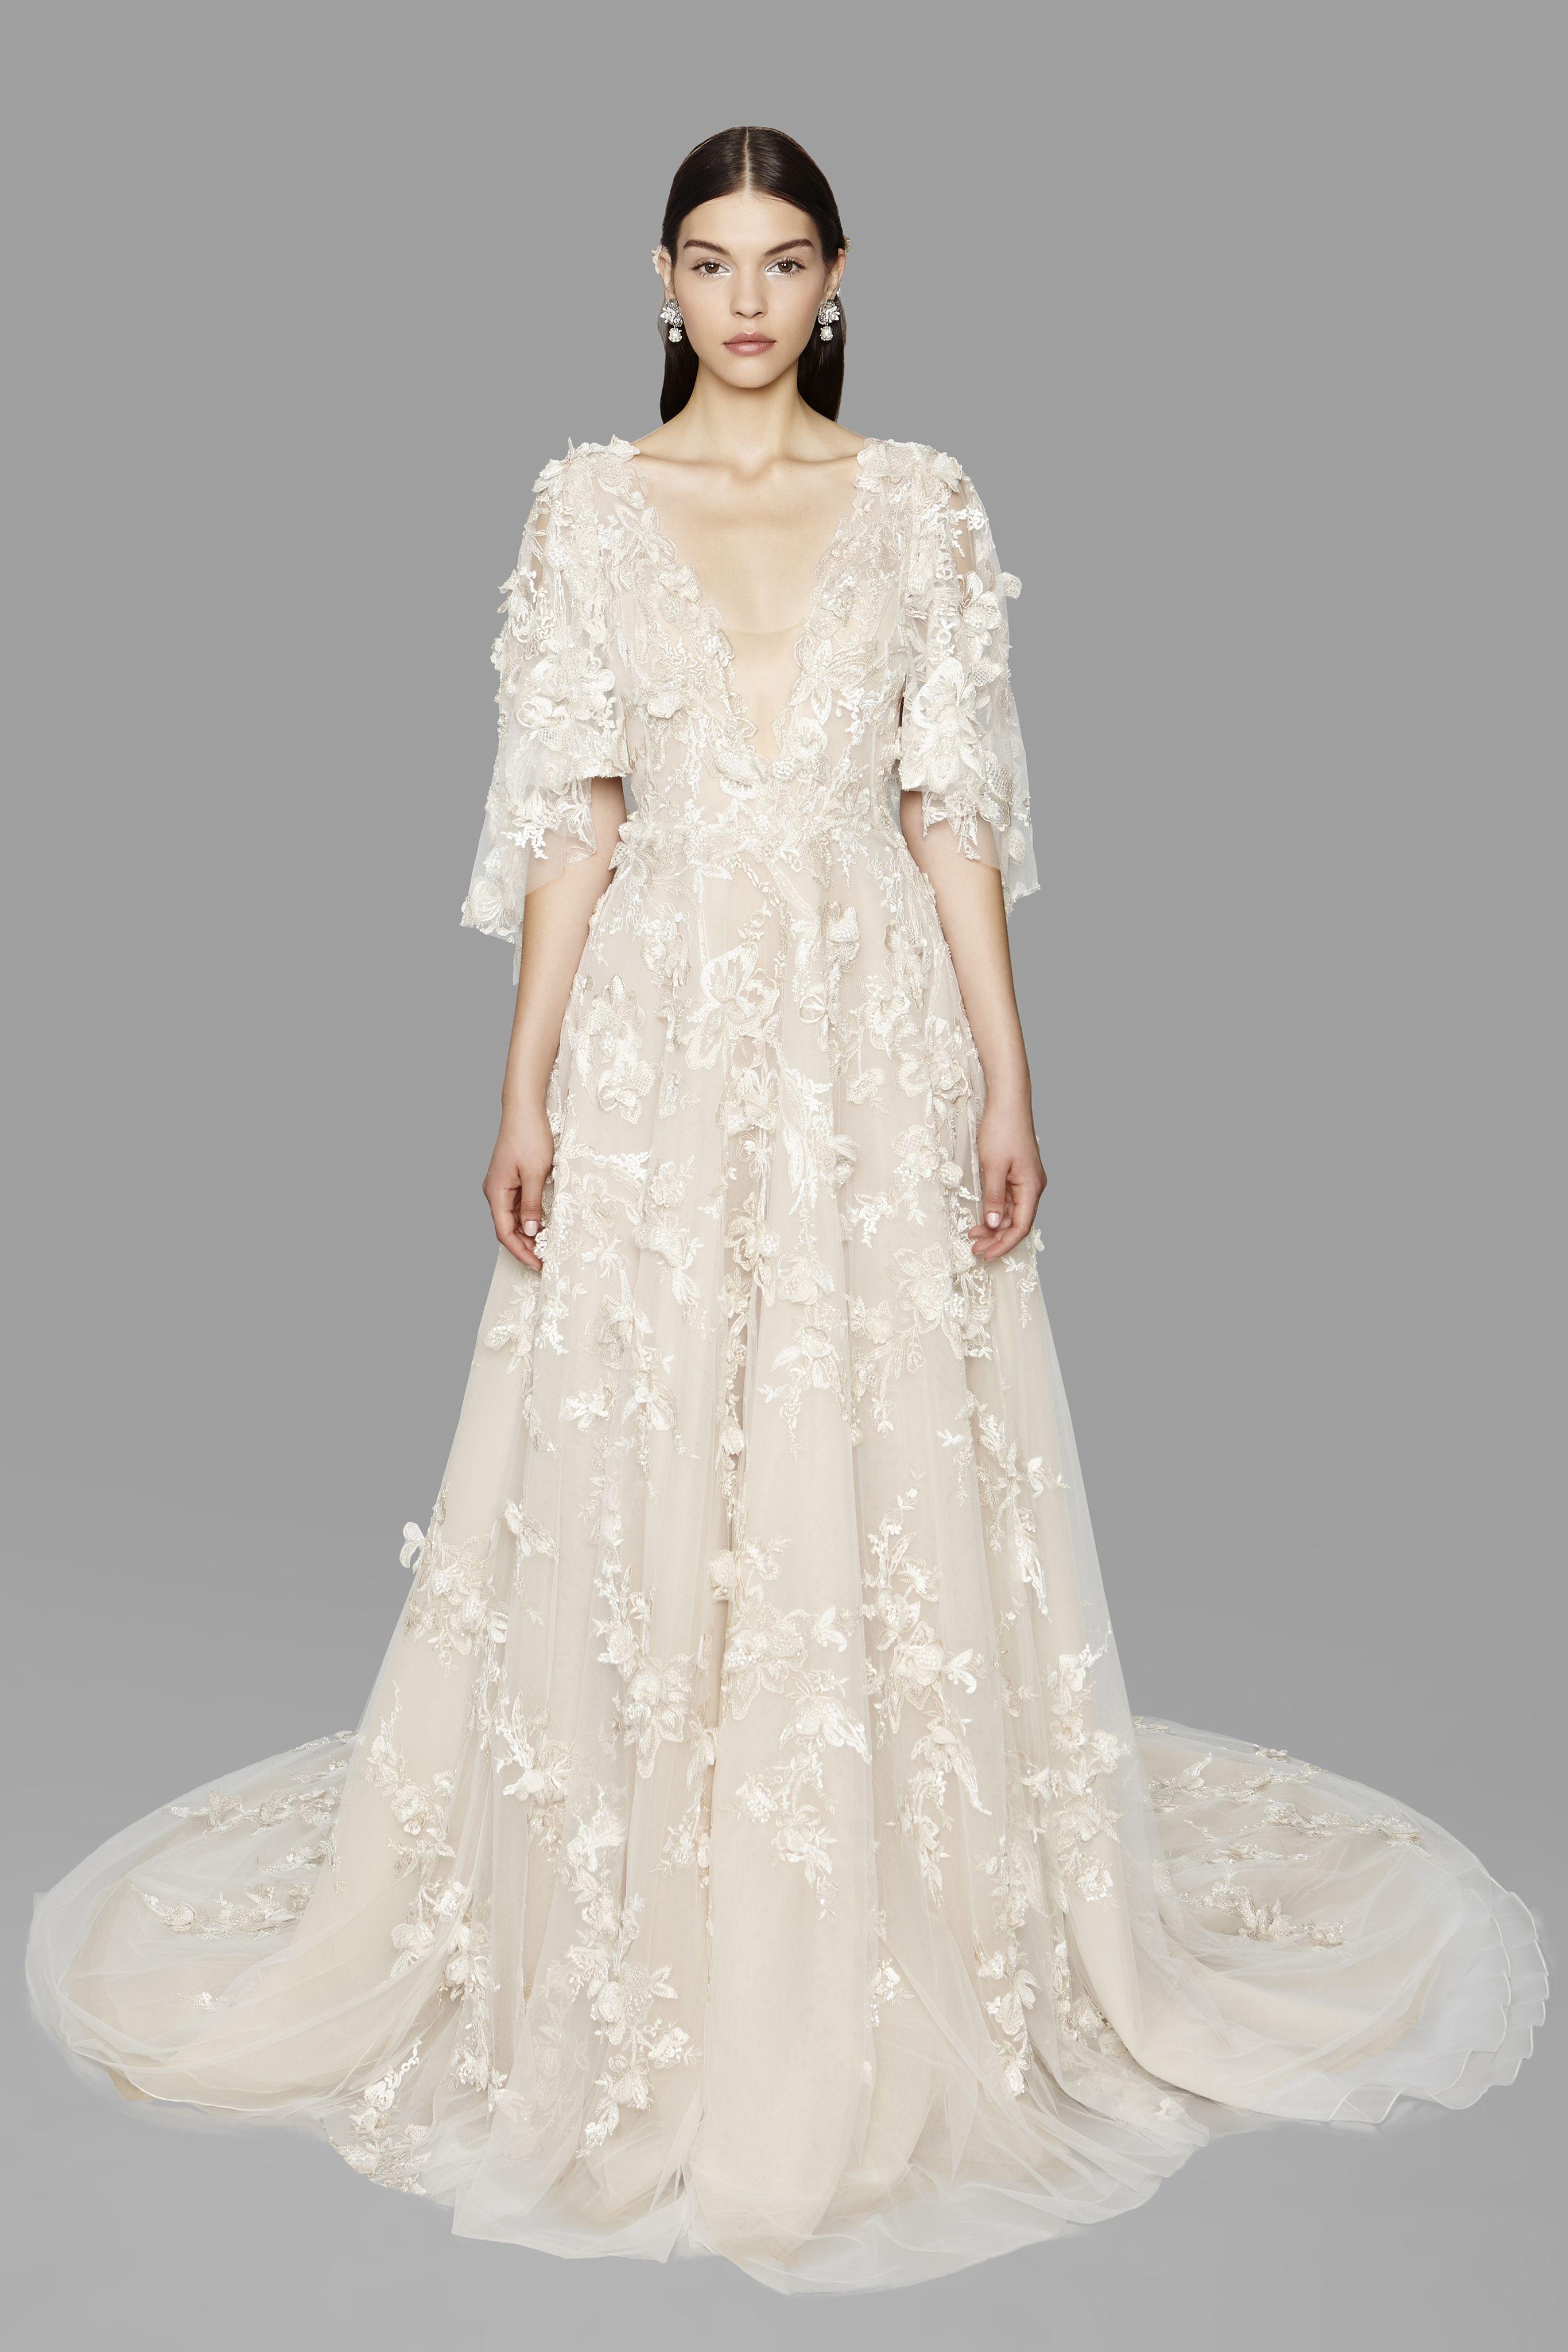 Carolyn Kennedy Wedding Dress Copy - The Best Wedding 2018